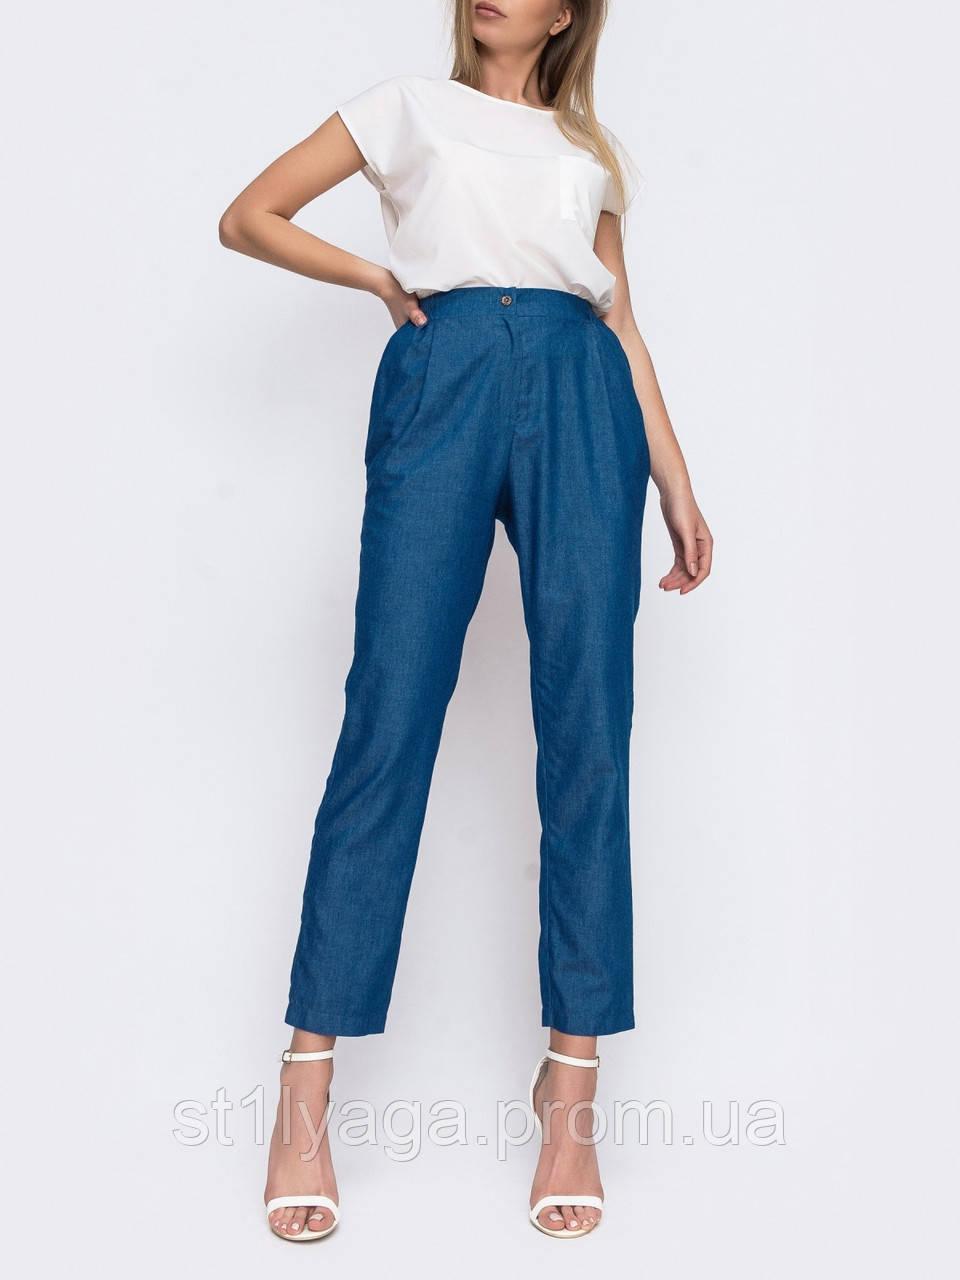 Укороченные джинсовый брюки в синем цвете ЛЕТО